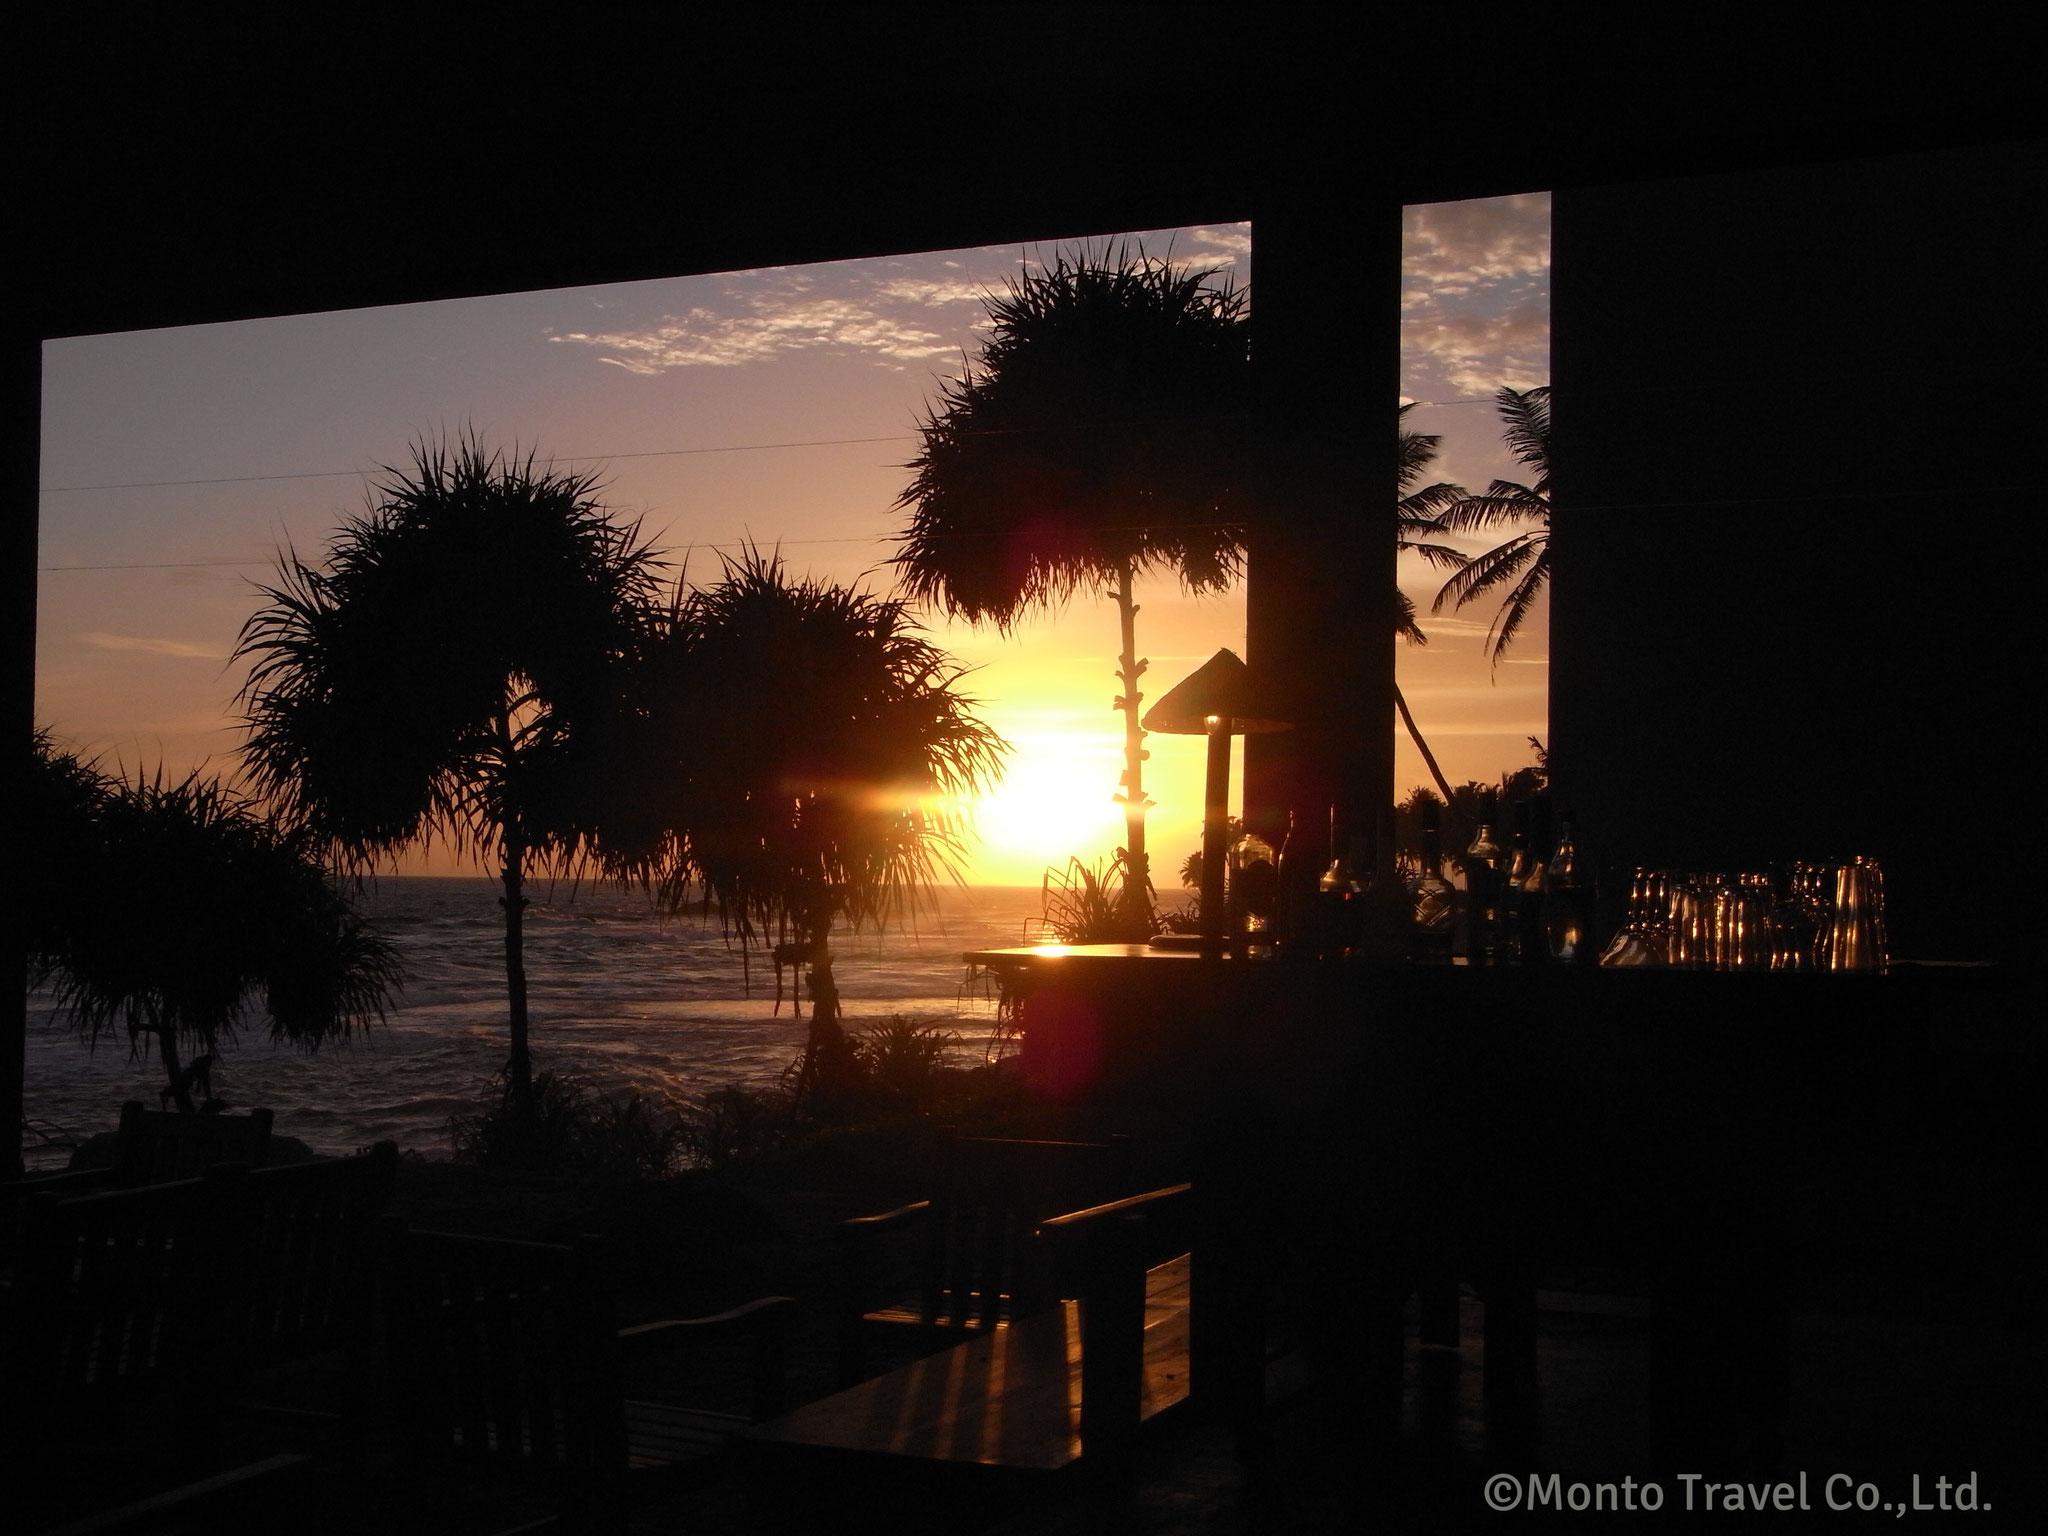 バワが夕日を見るために造ったバー